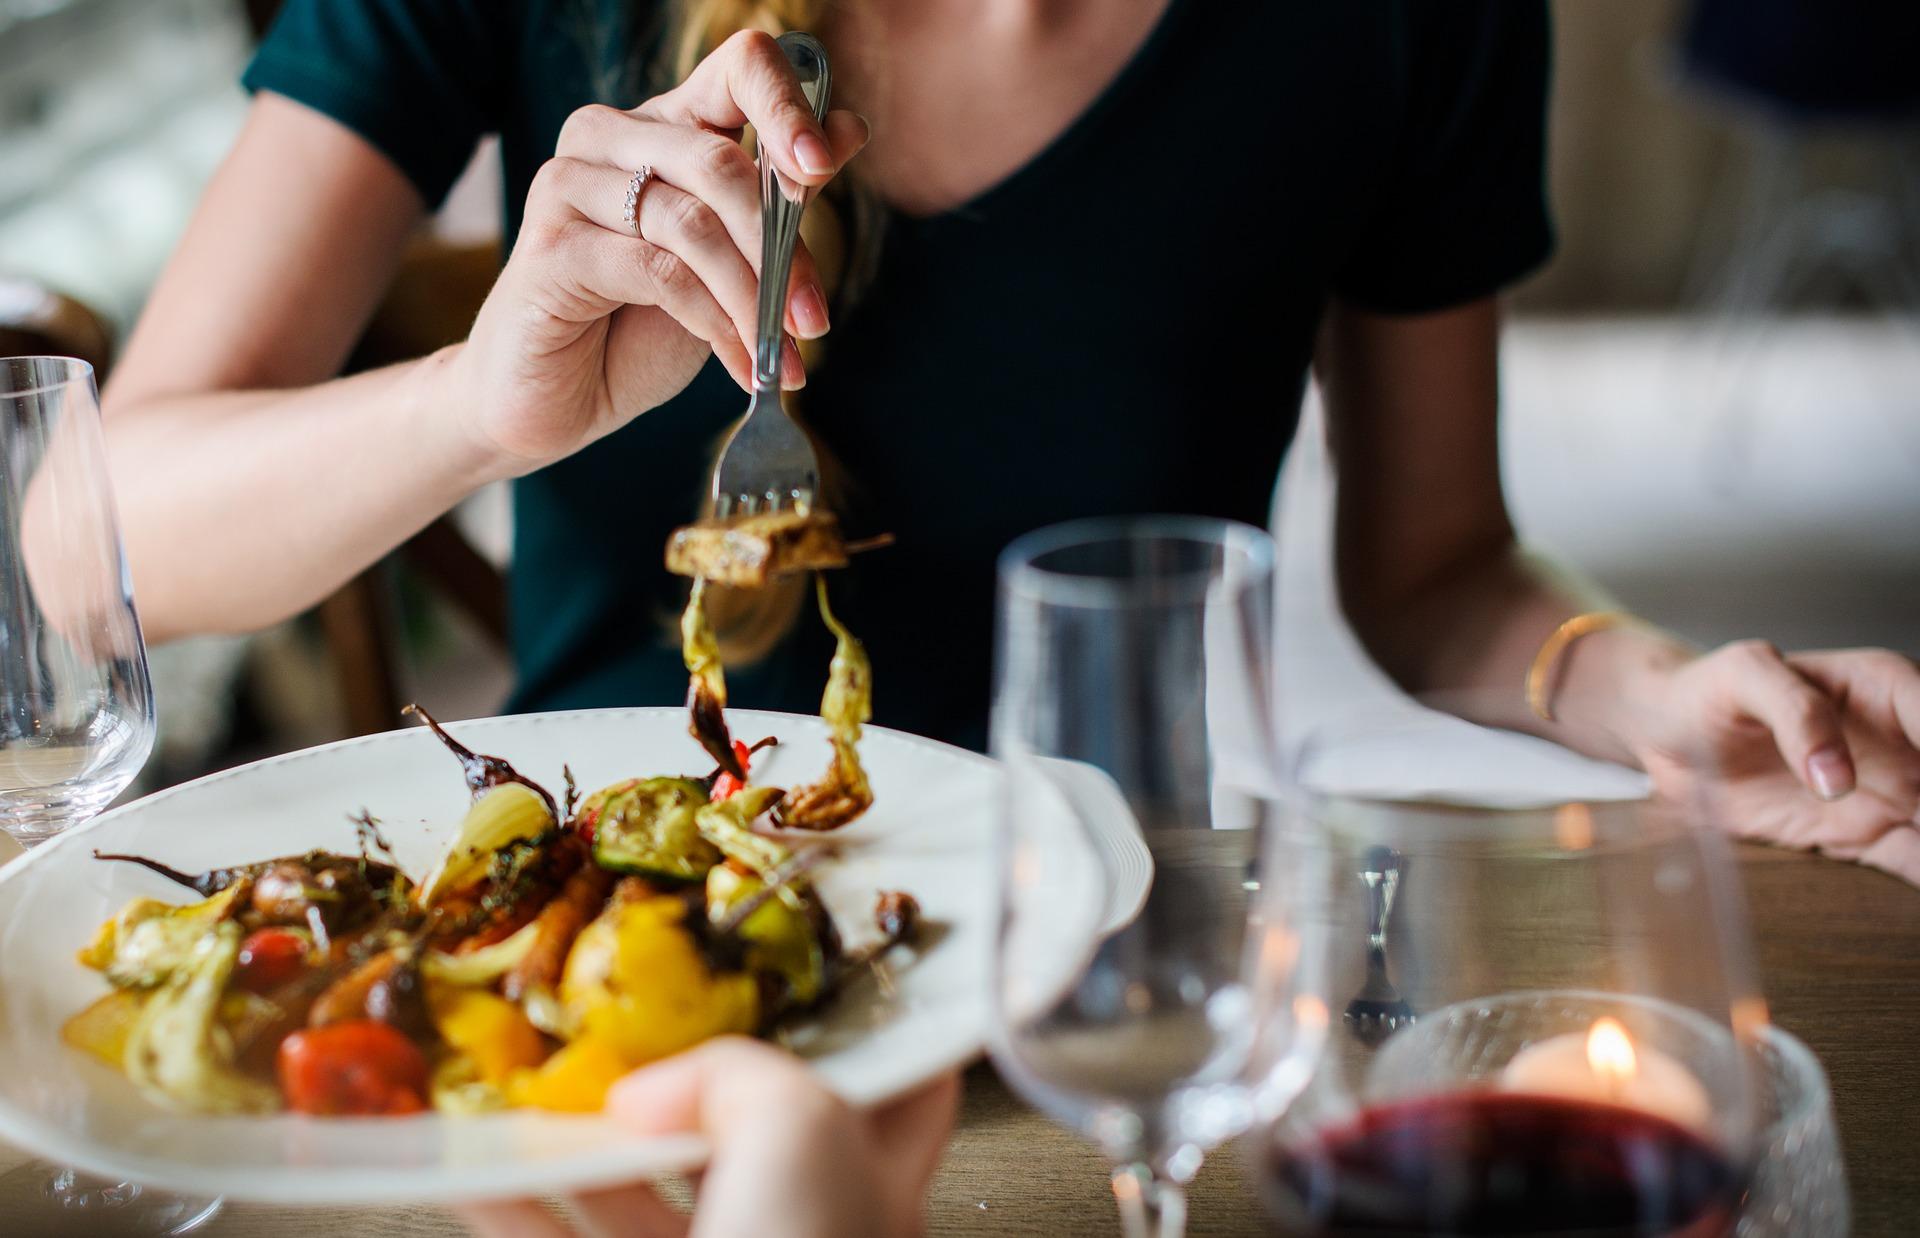 Emotionales Essen - Warum wir uns in Gesellschaft überessen und wie es gelingt, besser damit umzugehen